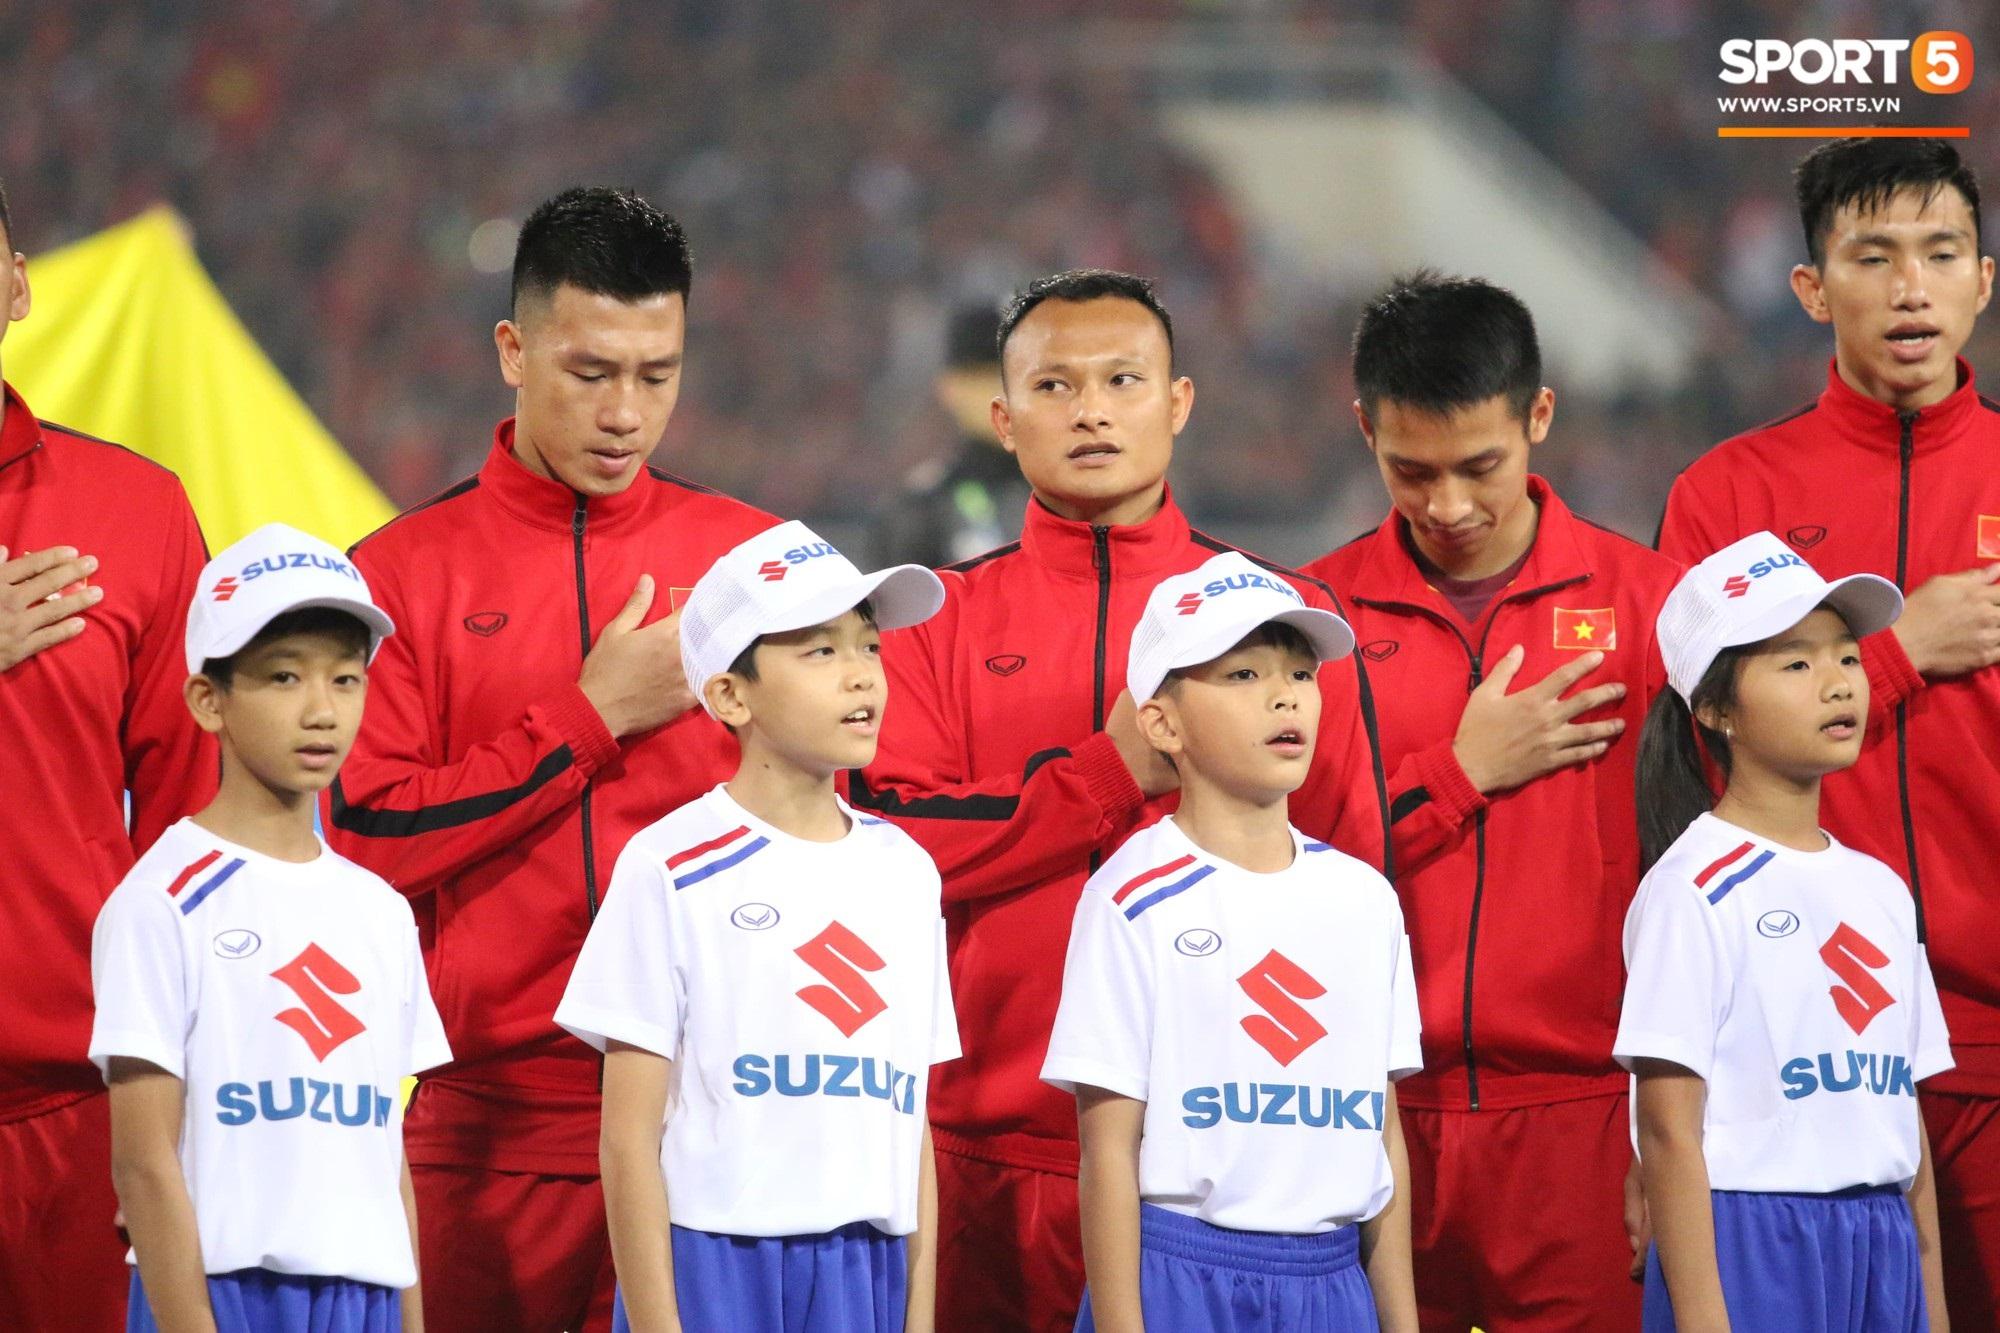 Giây phút chào cờ xúc động của đội tuyển Việt Nam, Đình Trọng, Hồng Duy cùng cầu nguyện trước khi xung trận - Ảnh 7